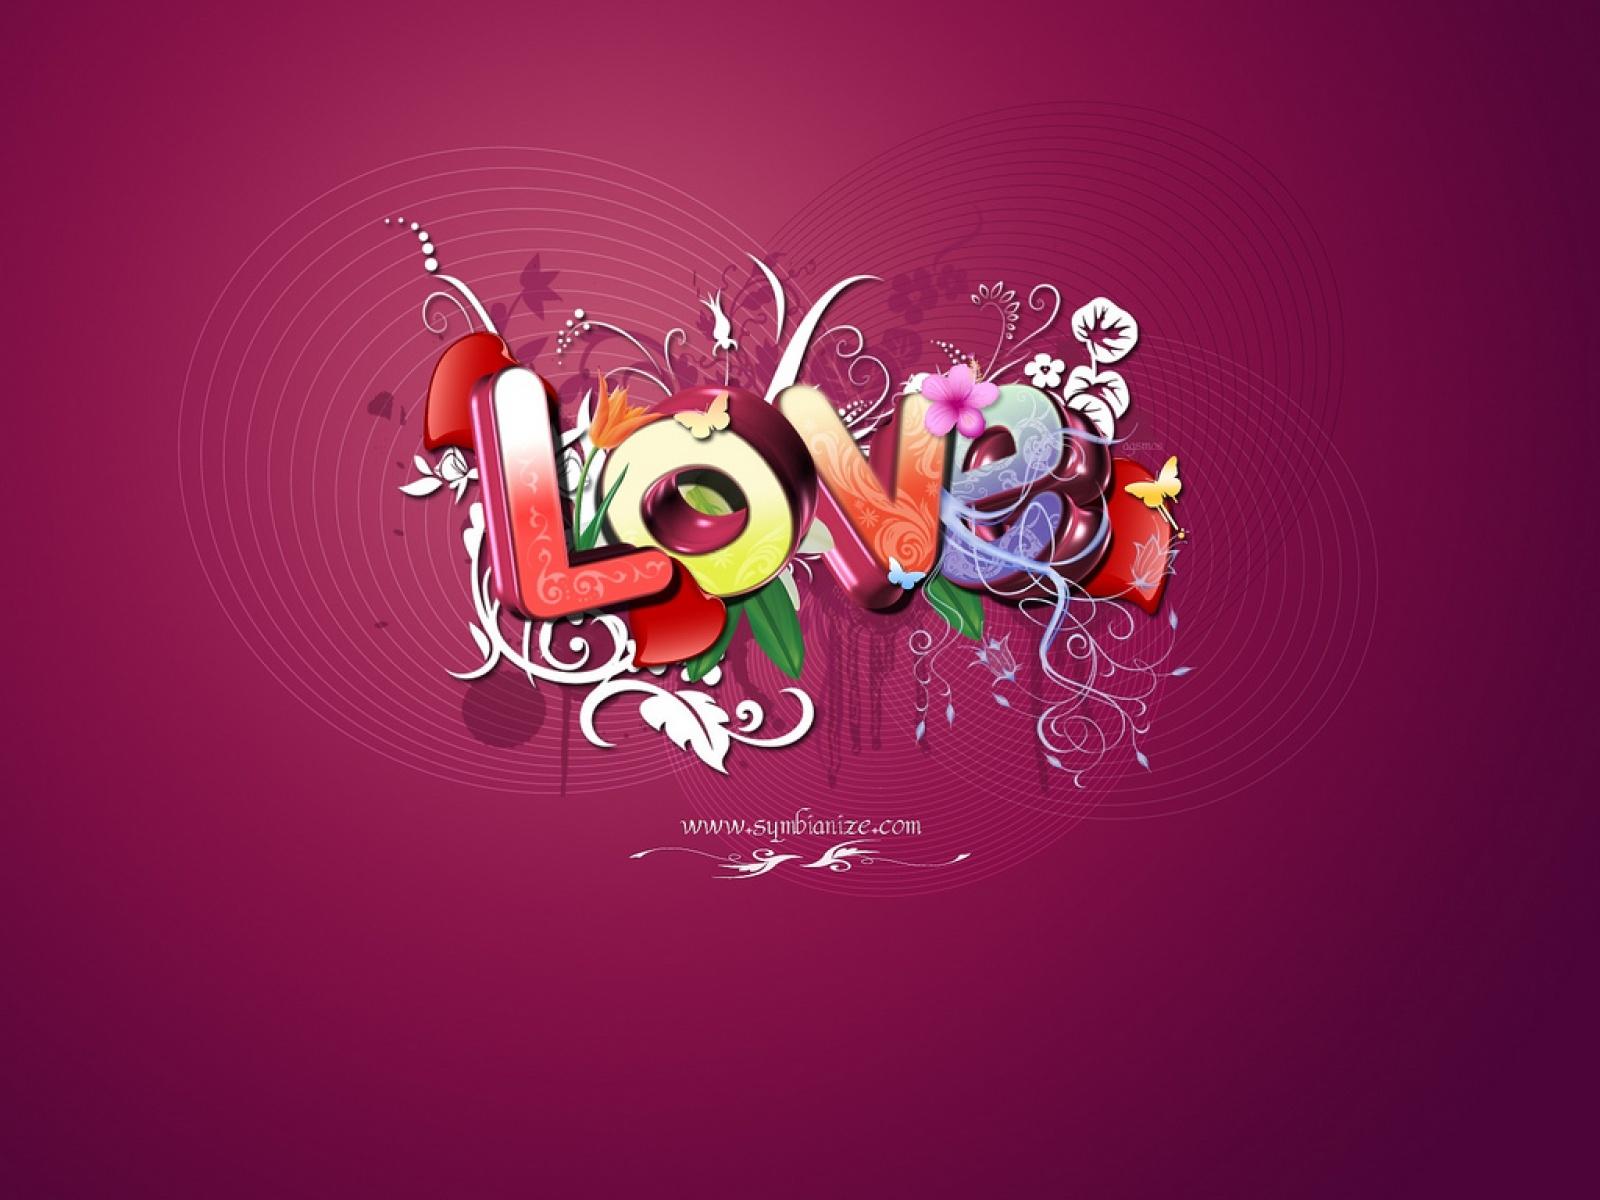 LOVE Wallpaper, скачать обои для рабочего стола, Любовь